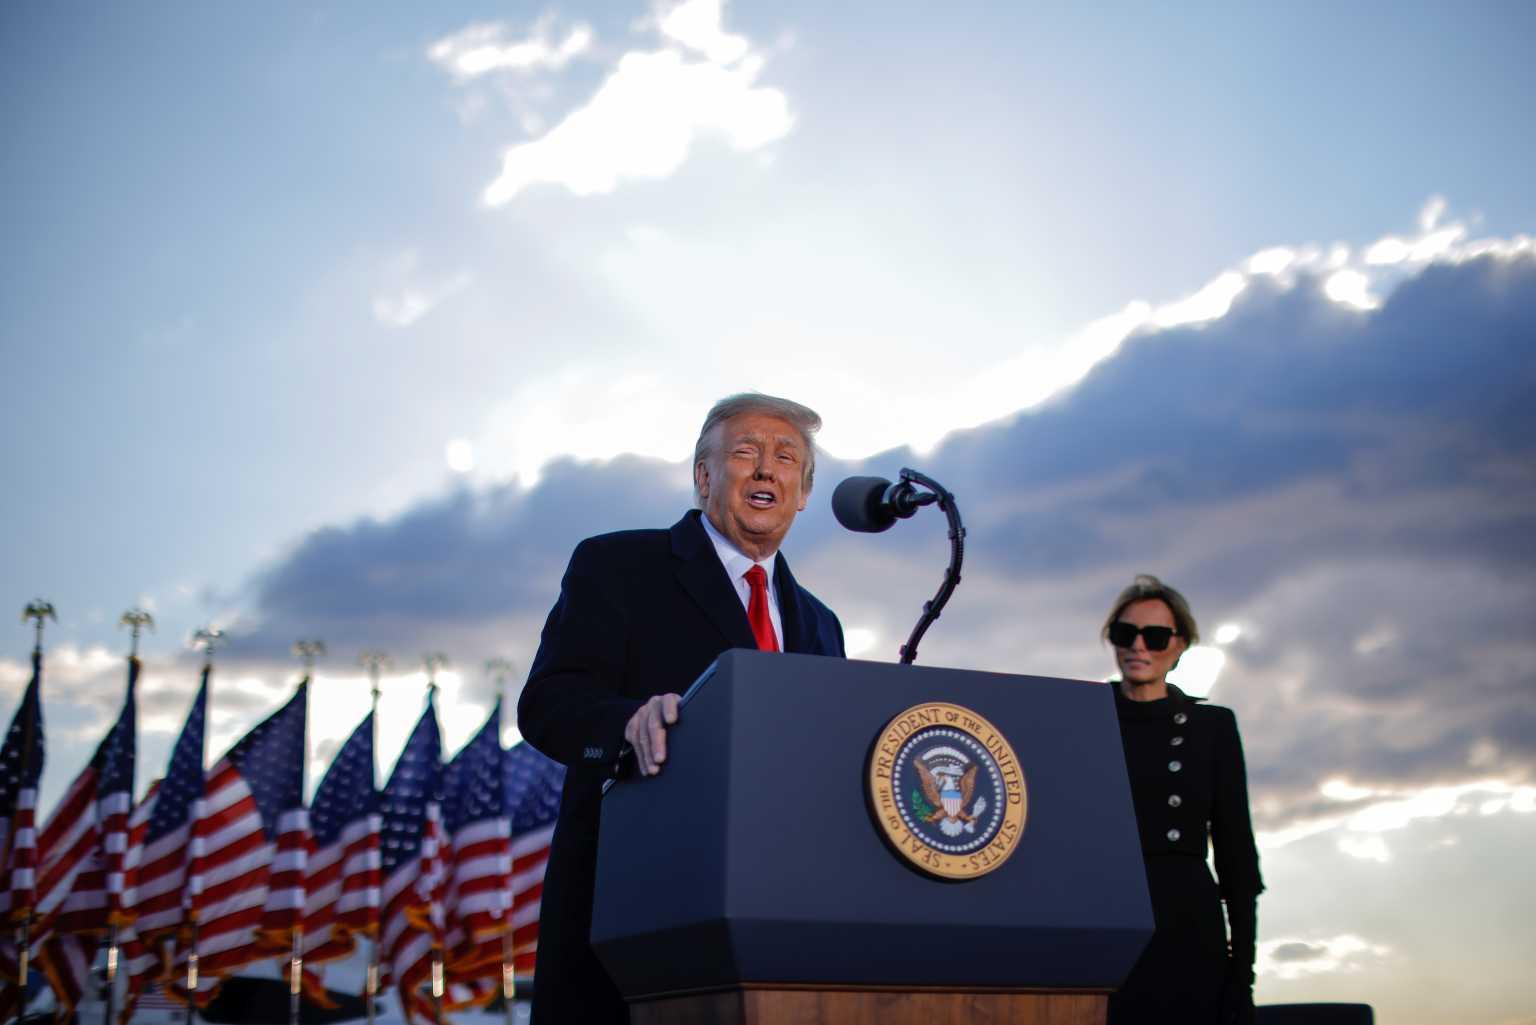 Ορκωμοσία Μπάιντεν Live: Λεπτό προς λεπτό η αναχώρηση Τραμπ από τον Λευκό Οίκο